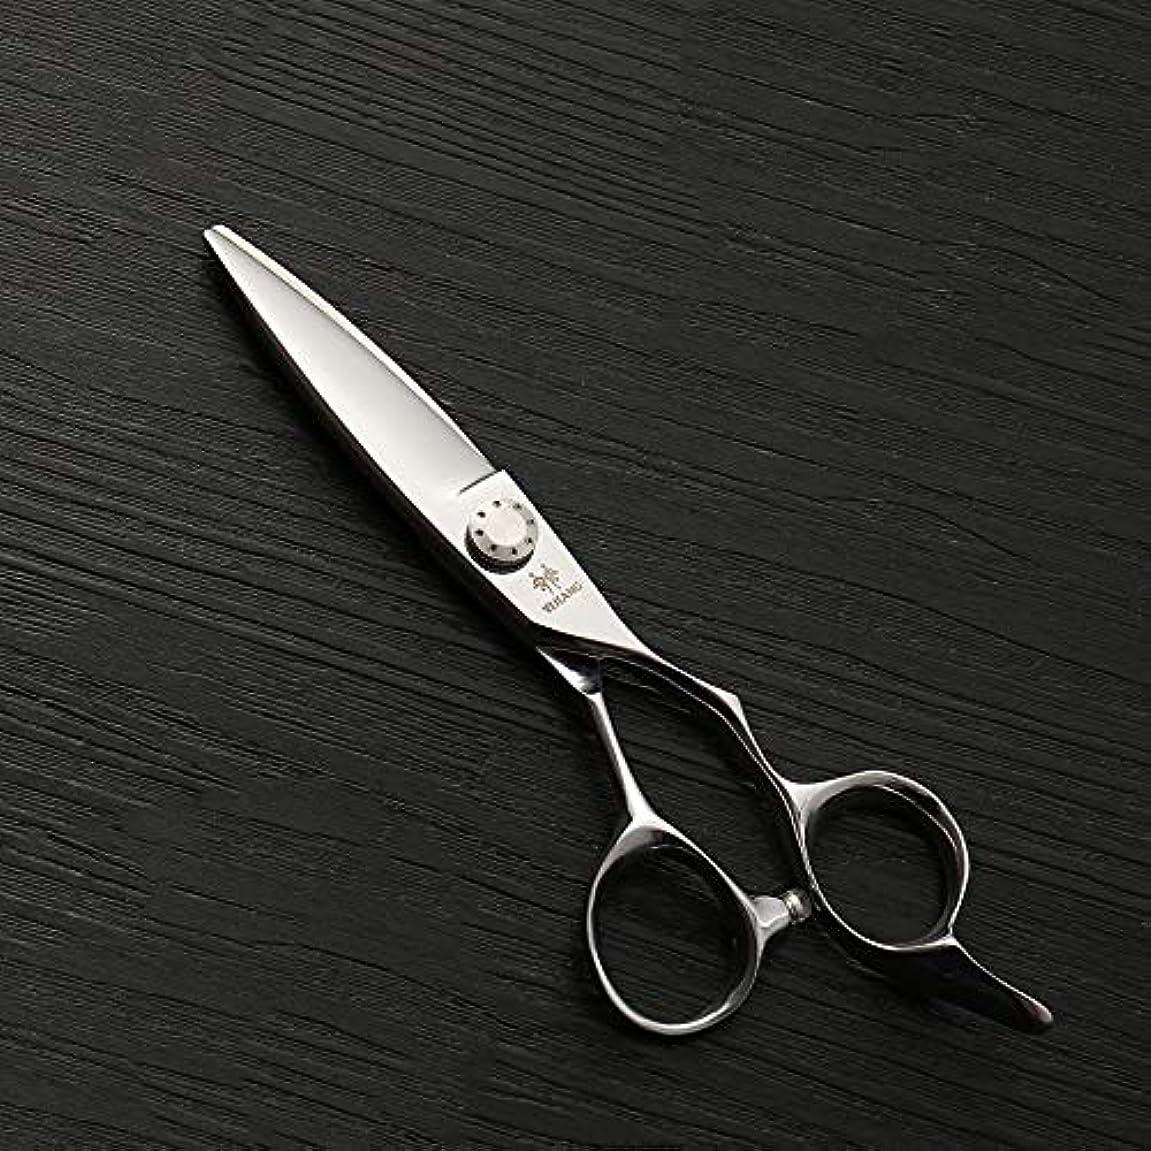 マオリ鑑定サバント6インチ美容院プロフェッショナル散髪ランセットフラットせん断、440 c高品質鋼新しいトレンド散髪はさみ モデリングツール (色 : Silver)